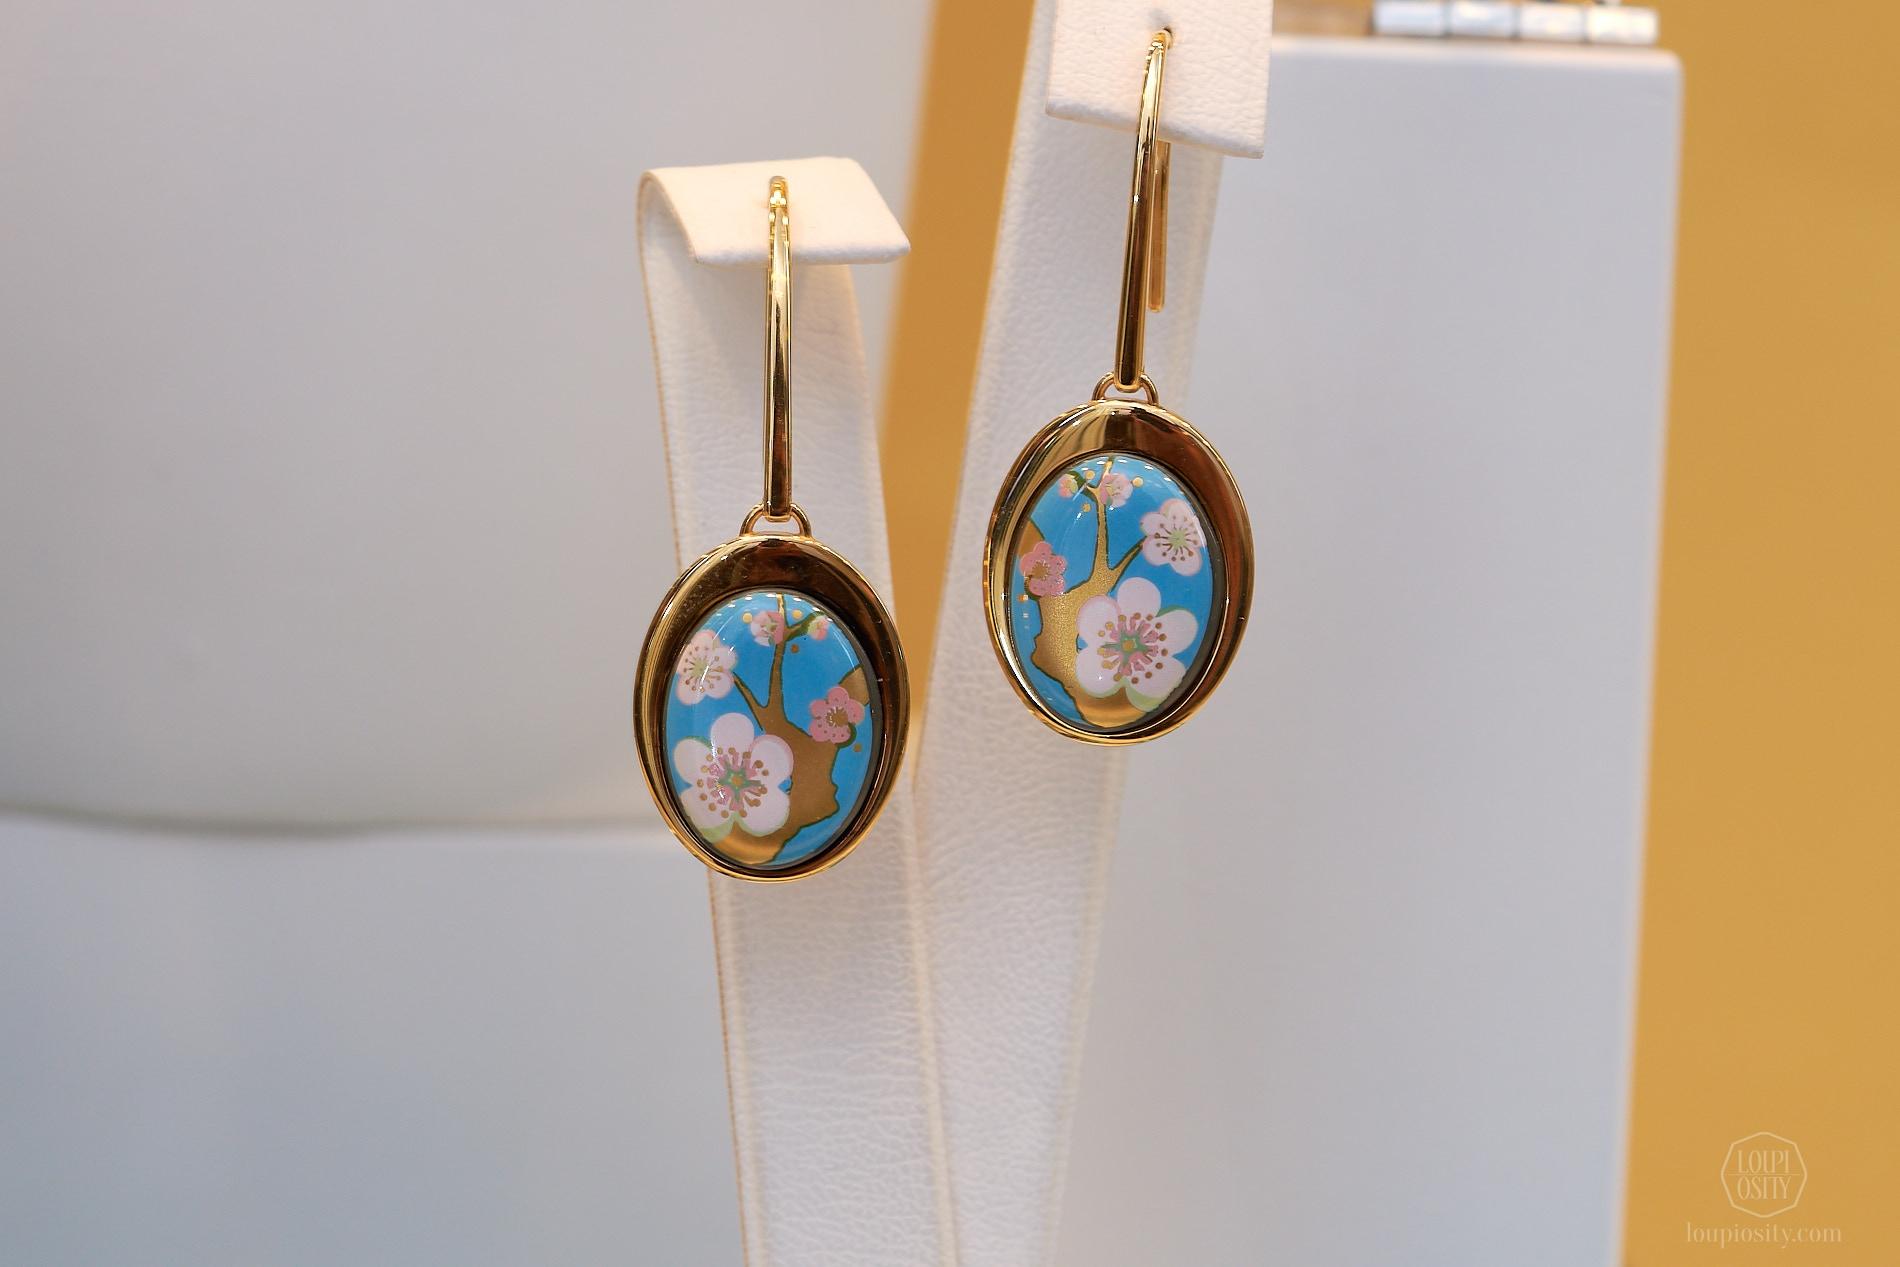 L'Amandier turquoise éclat earrings